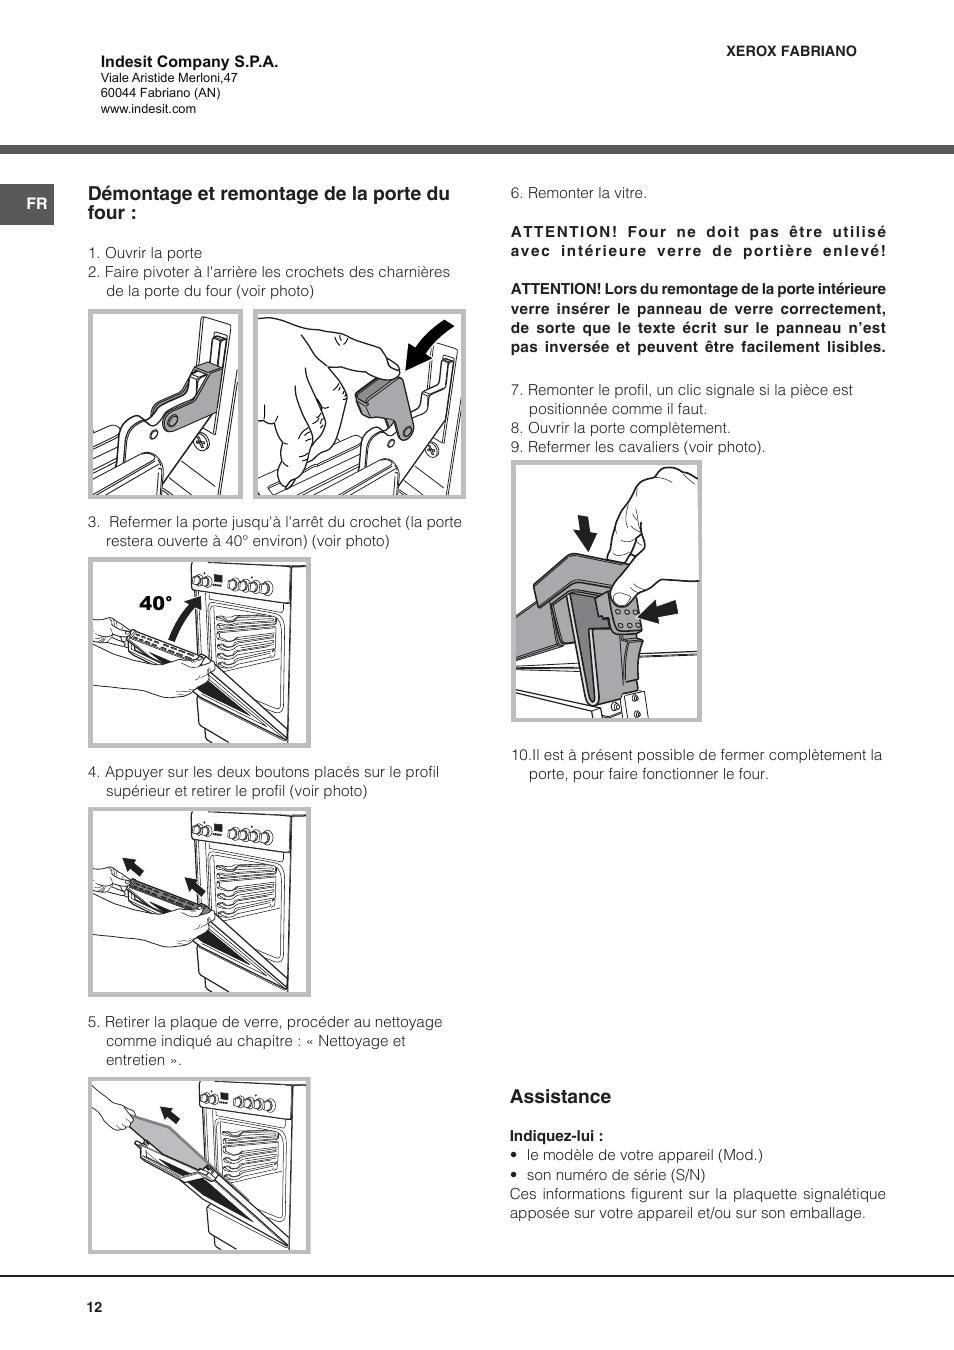 best dmontage et remontage de la porte du four assistance indesit ivcwfr manuel page with. Black Bedroom Furniture Sets. Home Design Ideas